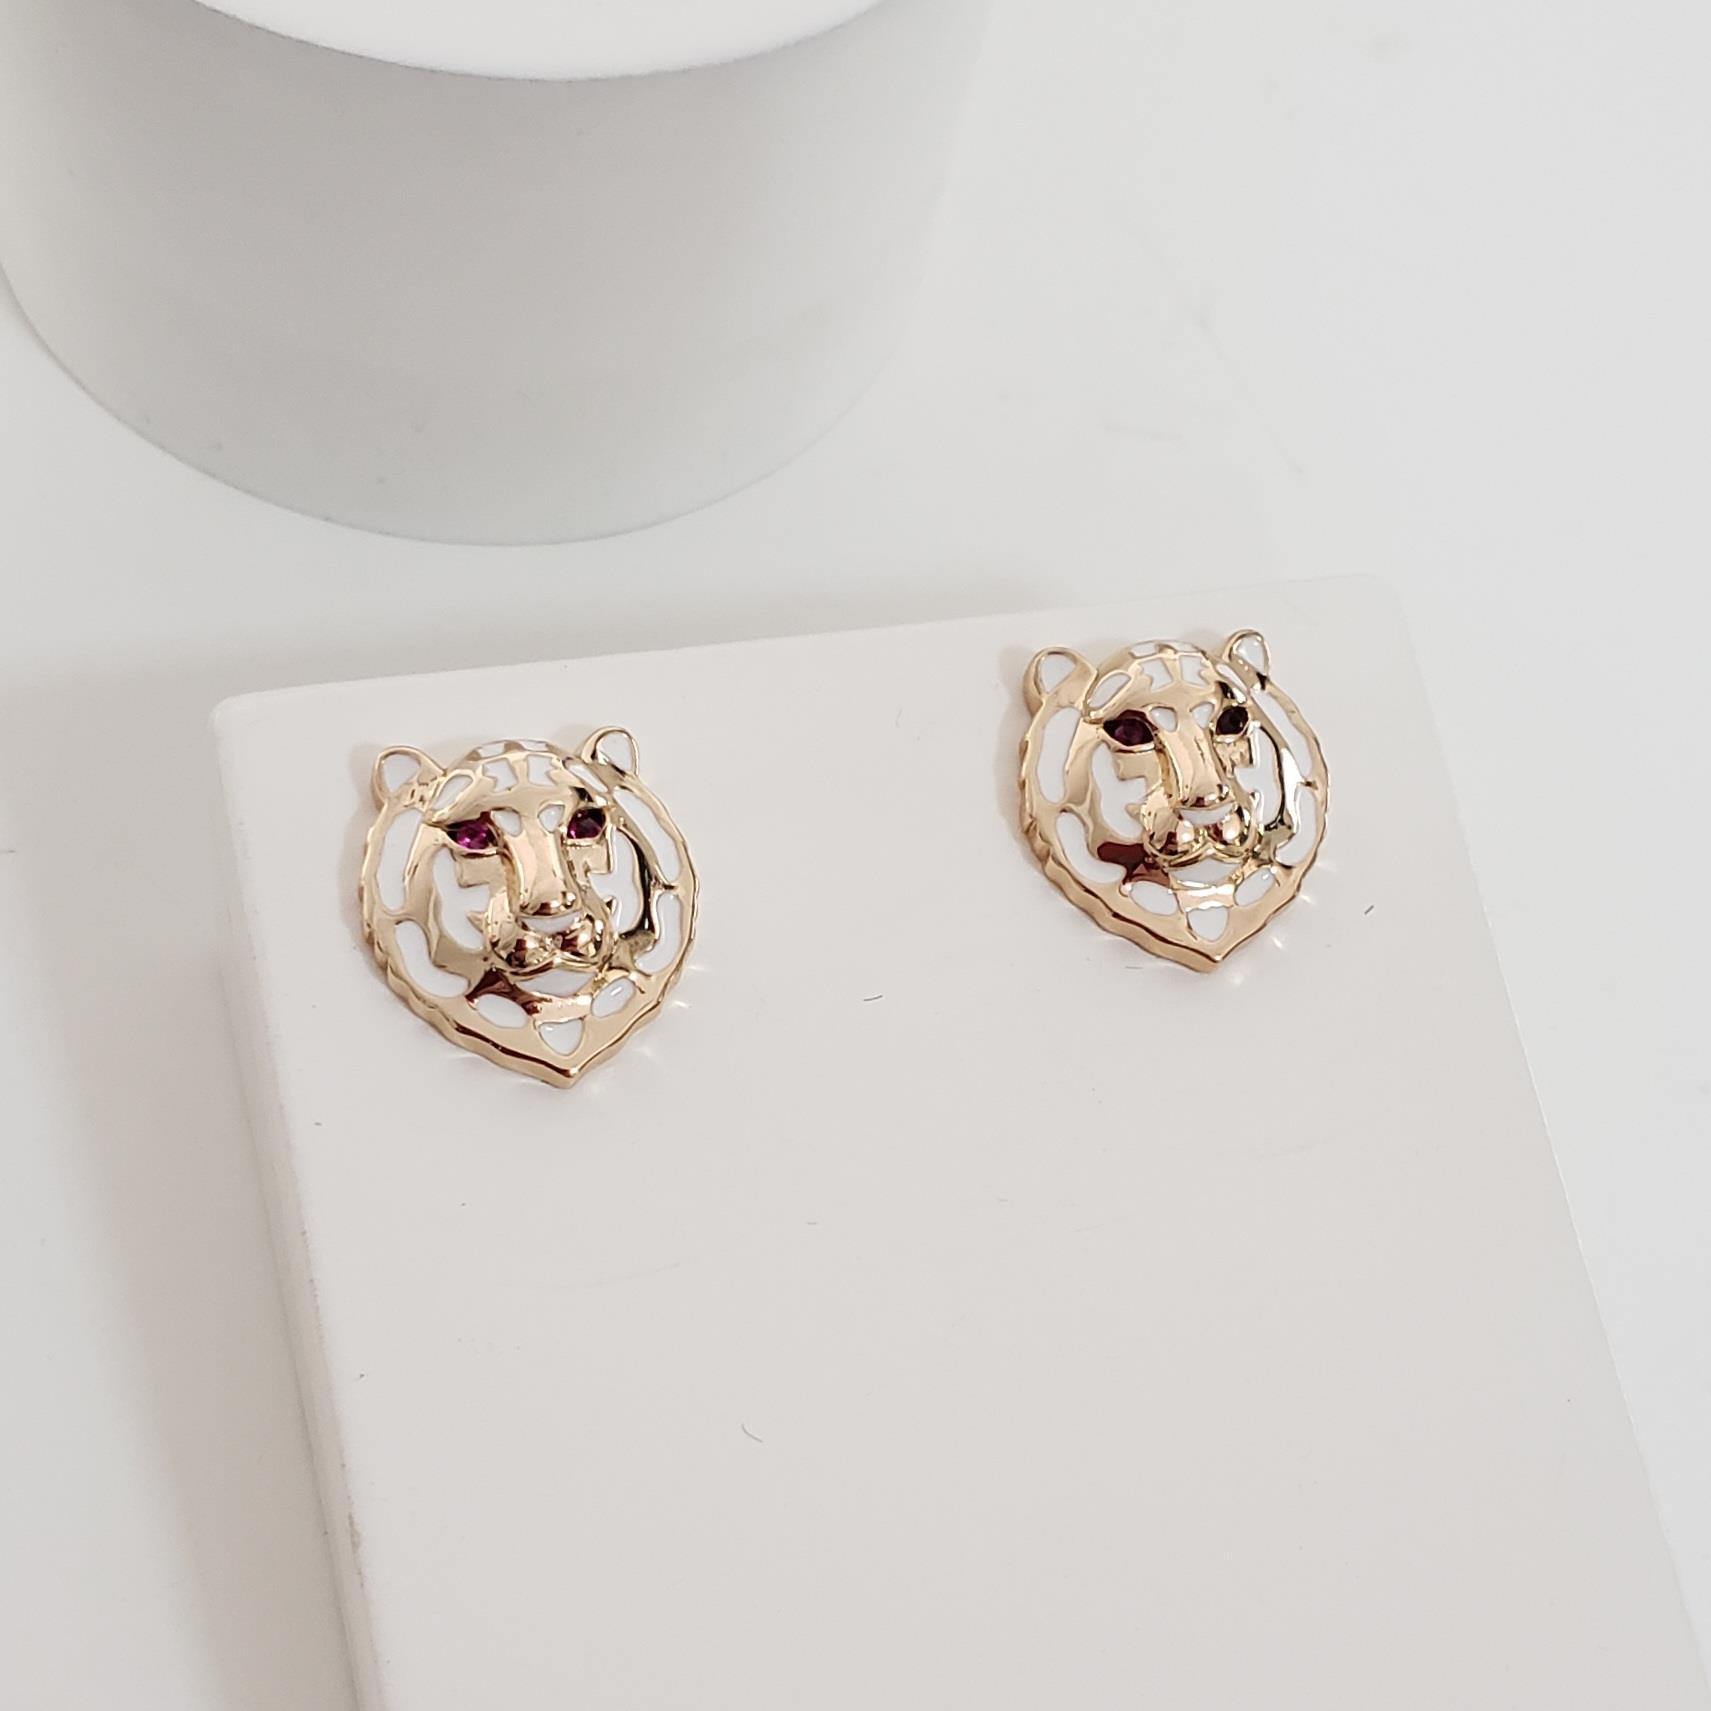 Brinco Botão Cabeça Leopardo Esmaltada Branca no Banho Ouro 18k Semijoia